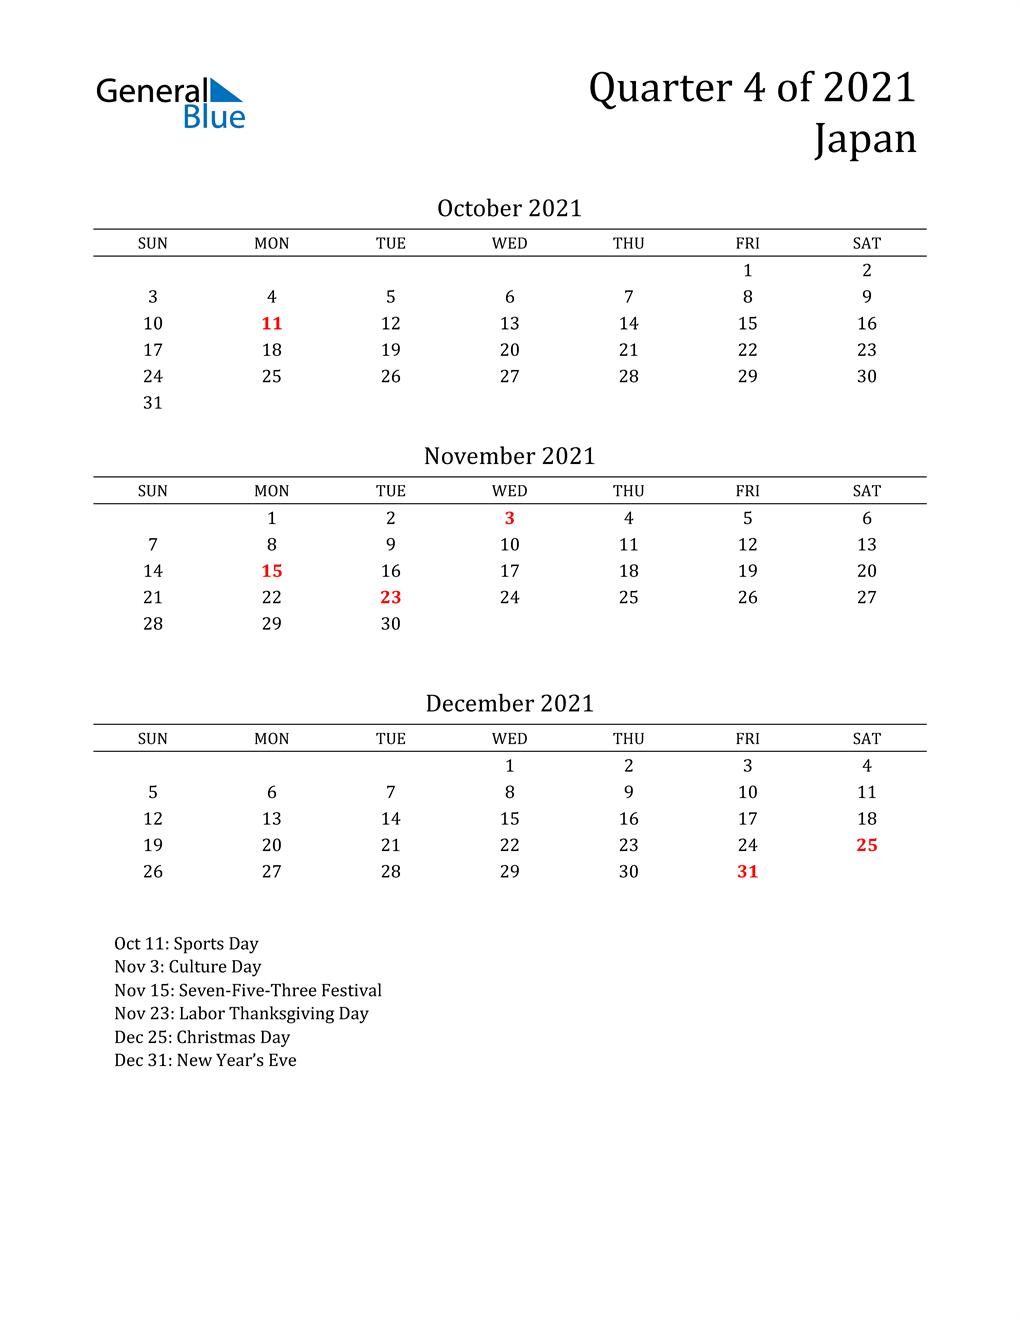 2021 Japan Quarterly Calendar